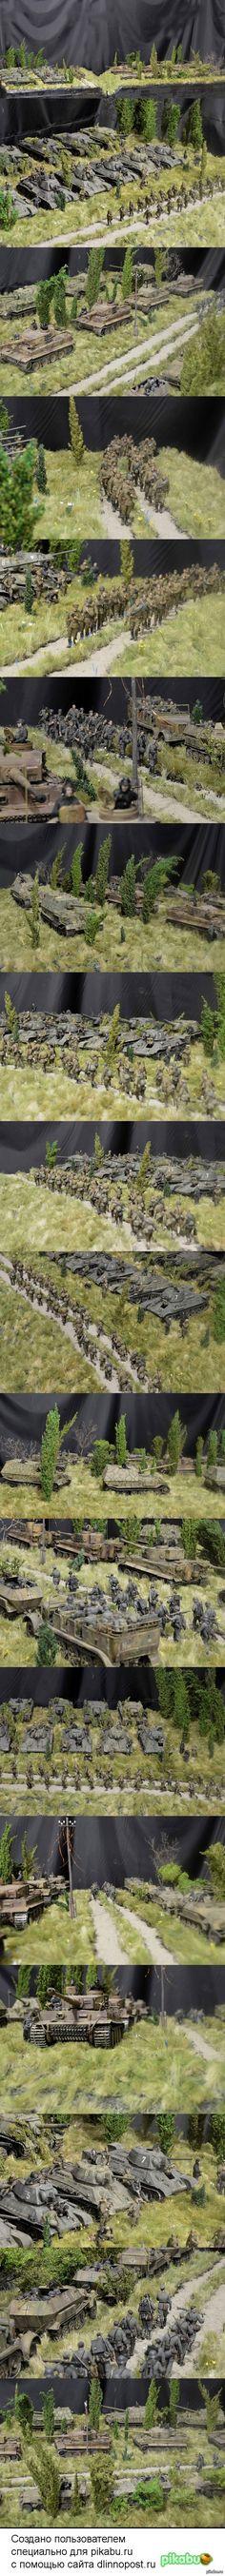 На поле танки грохотали масштаб: 1:35 | автор: Геннадий Завражнев; Котовск, Тамбовская обл., Россия